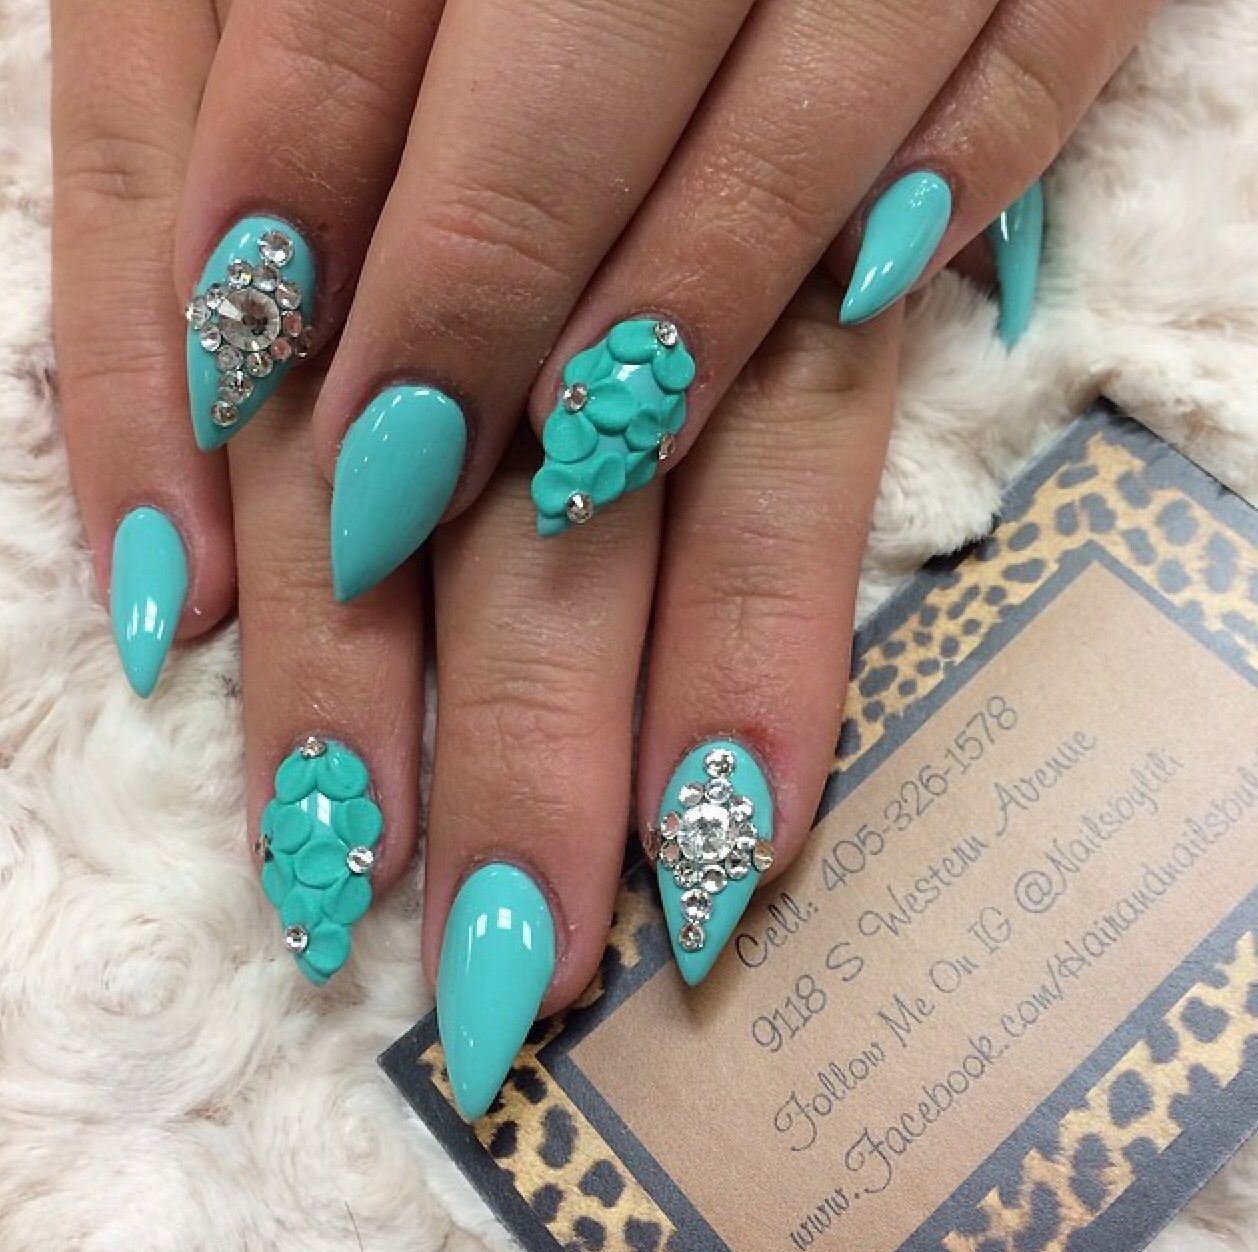 aqua blue stiletto nails nails nails aqua nails nail art